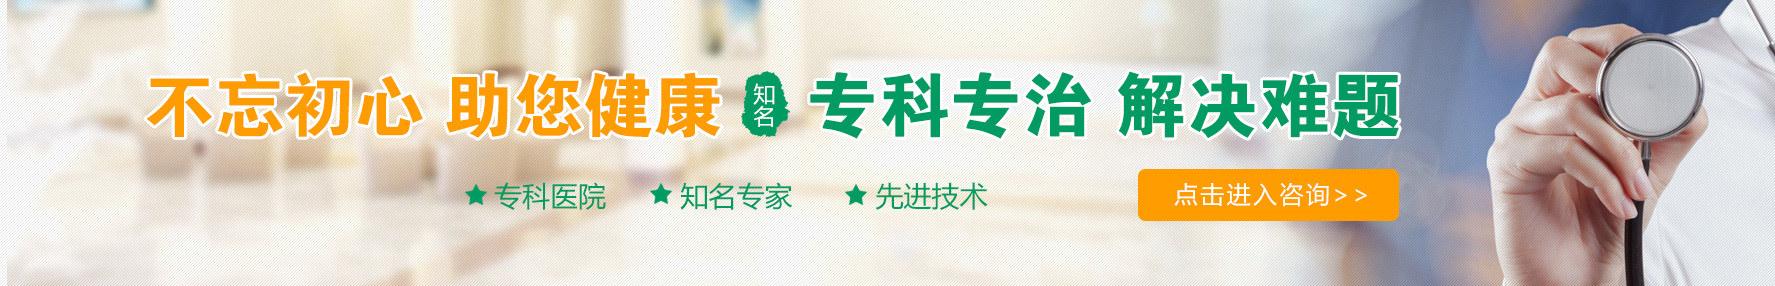 深圳妇科医院